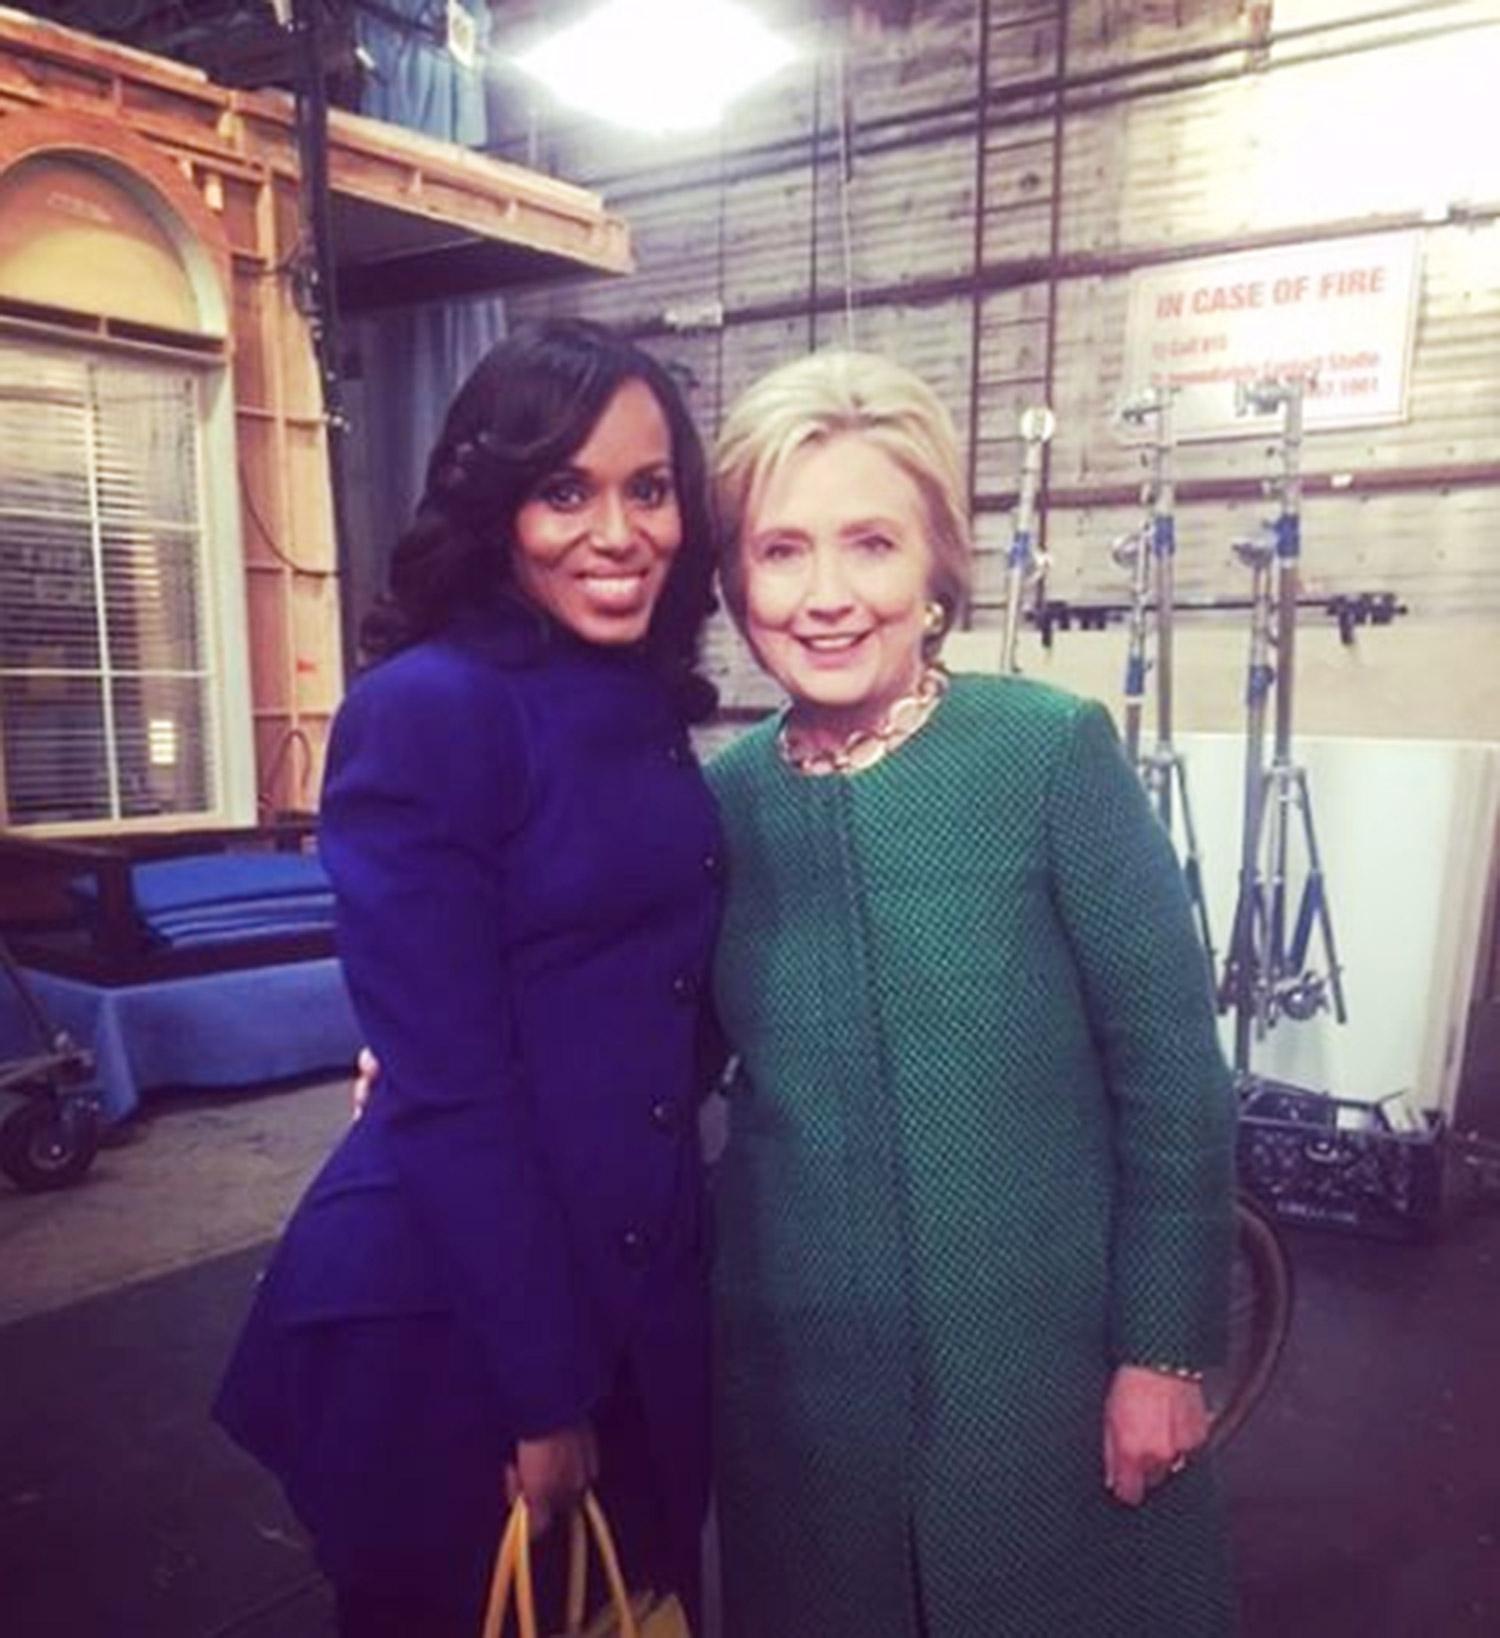 Kerry Washington and Hilary Clinton